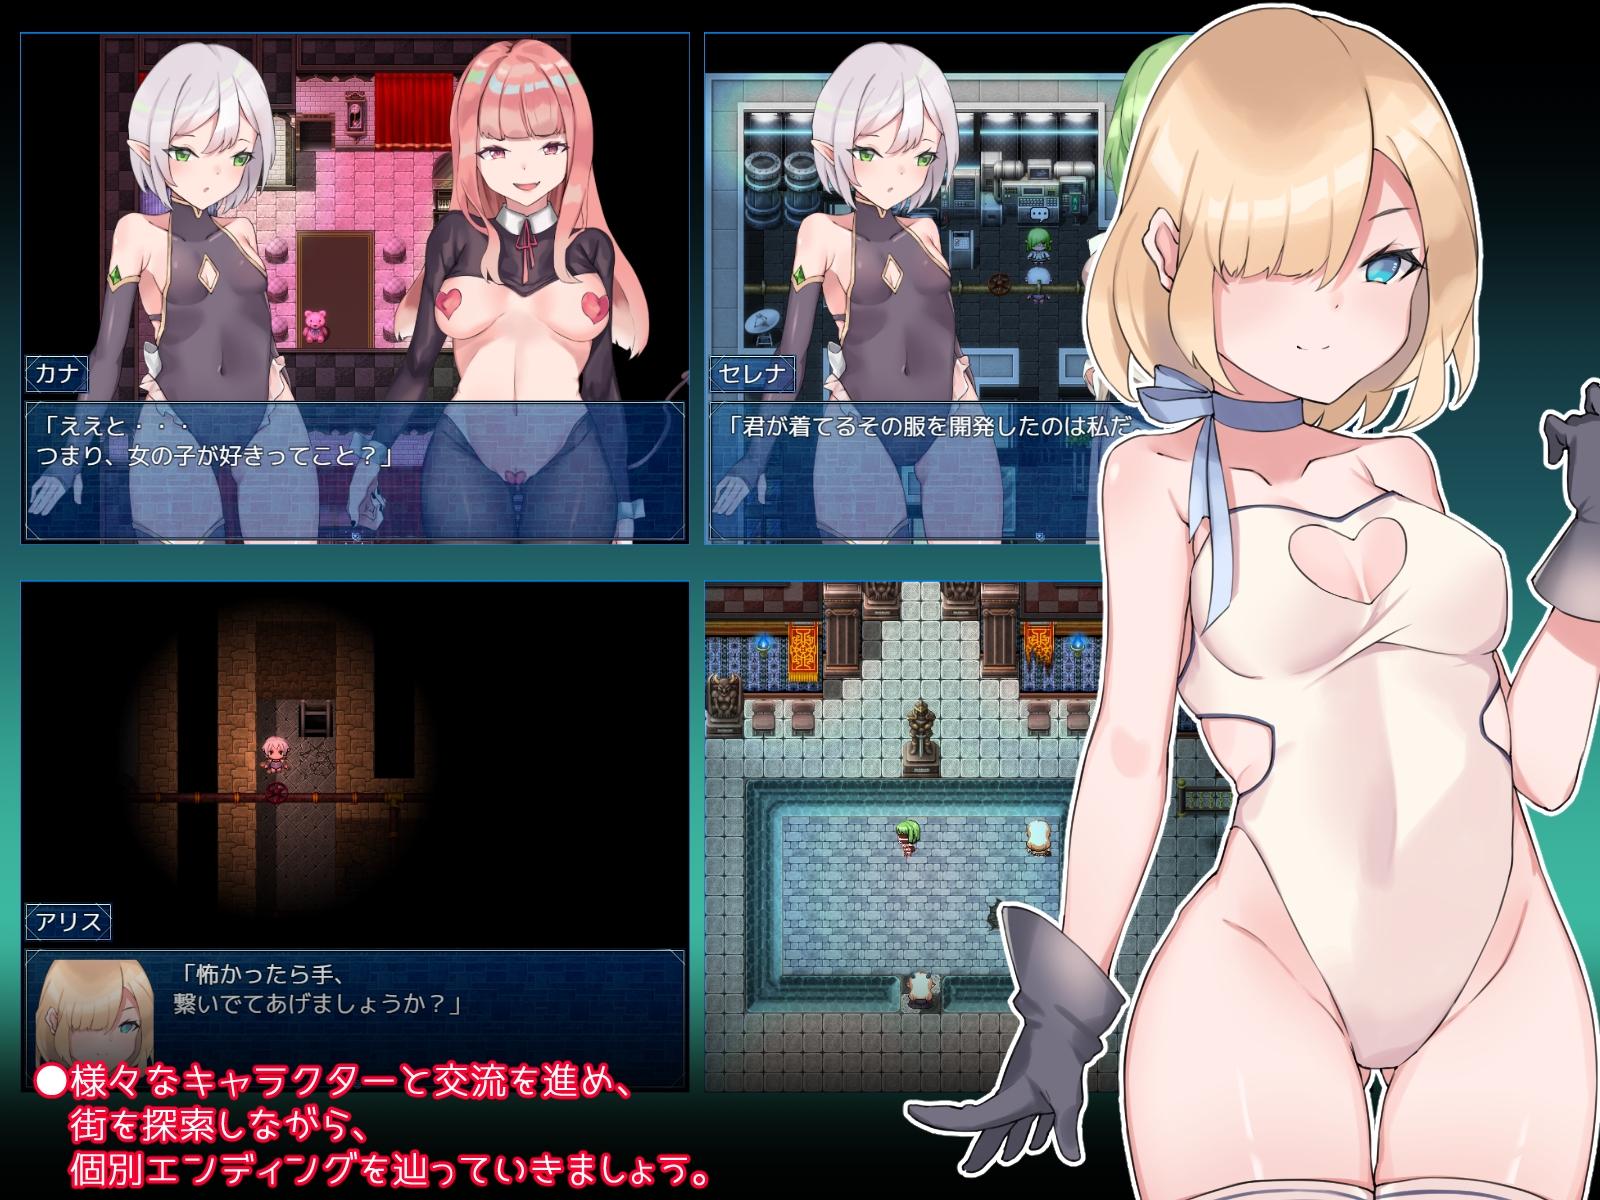 アルビオンへようこそ! (炎舞堂) DLsite提供:同人ゲーム – ロールプレイング